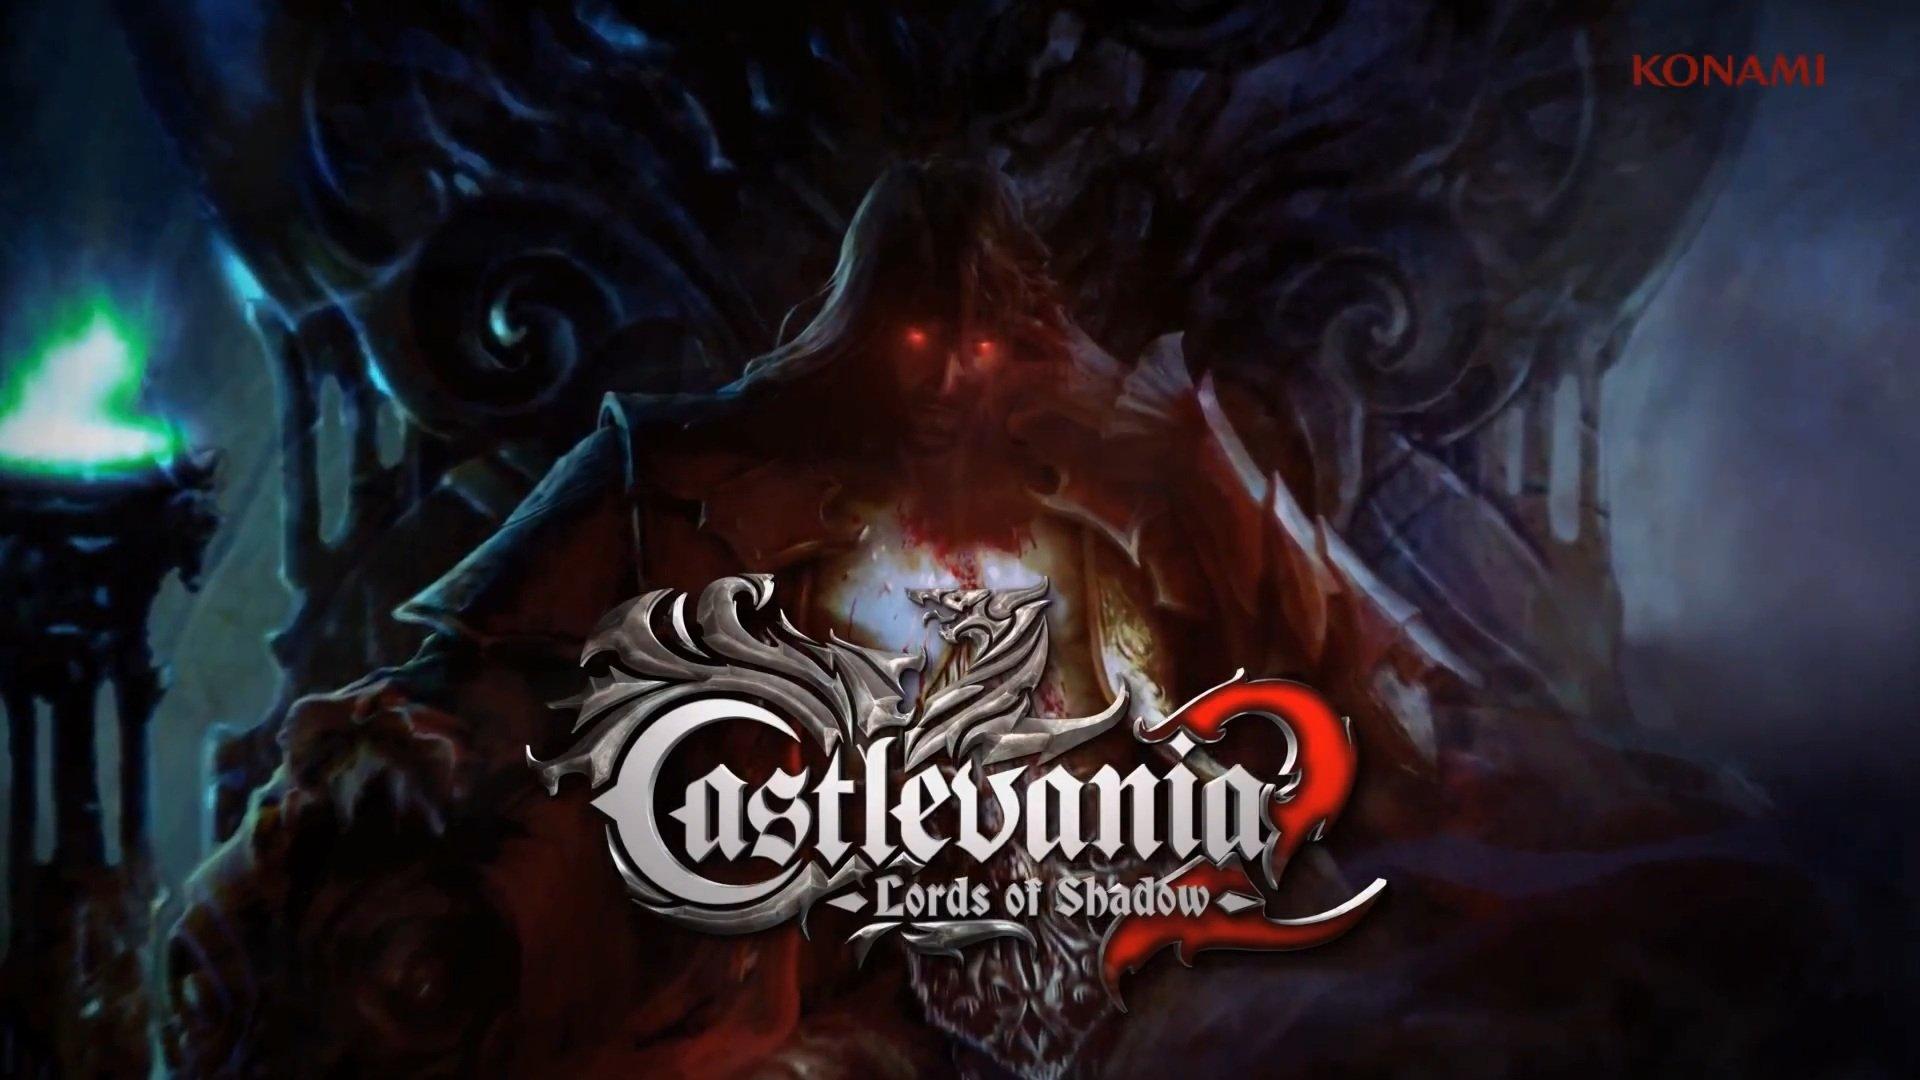 Первые оценки Castlevania: Lords of Shadow 2 - Изображение 1